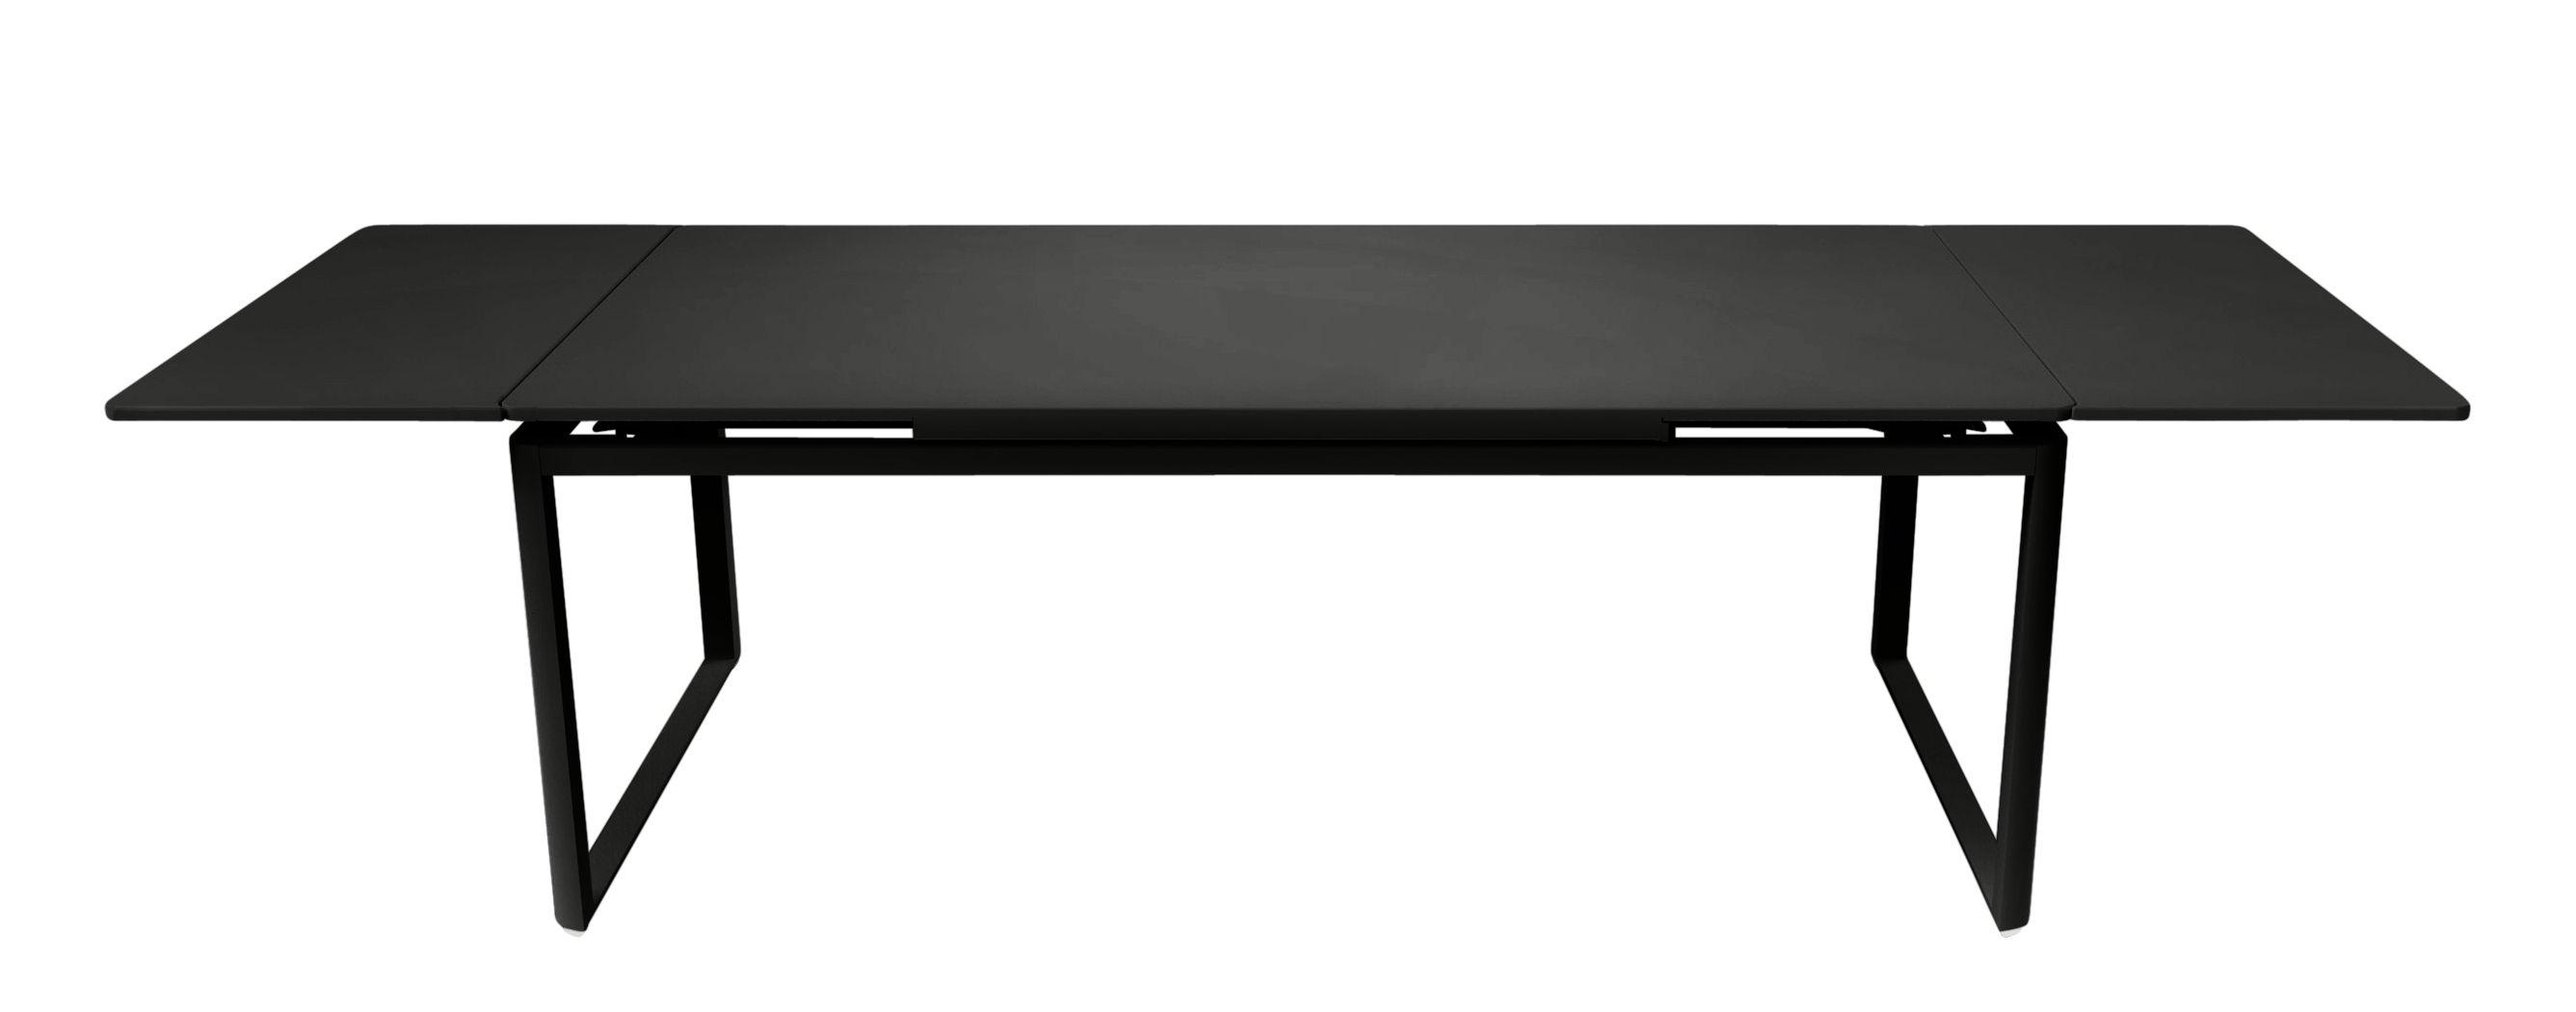 Outdoor - Tavoli  - Tavolo con prolunga Biarritz - L 200 a 300 cm di Fermob - Liquerizia - Acciaio laccato, Alluminio laccato